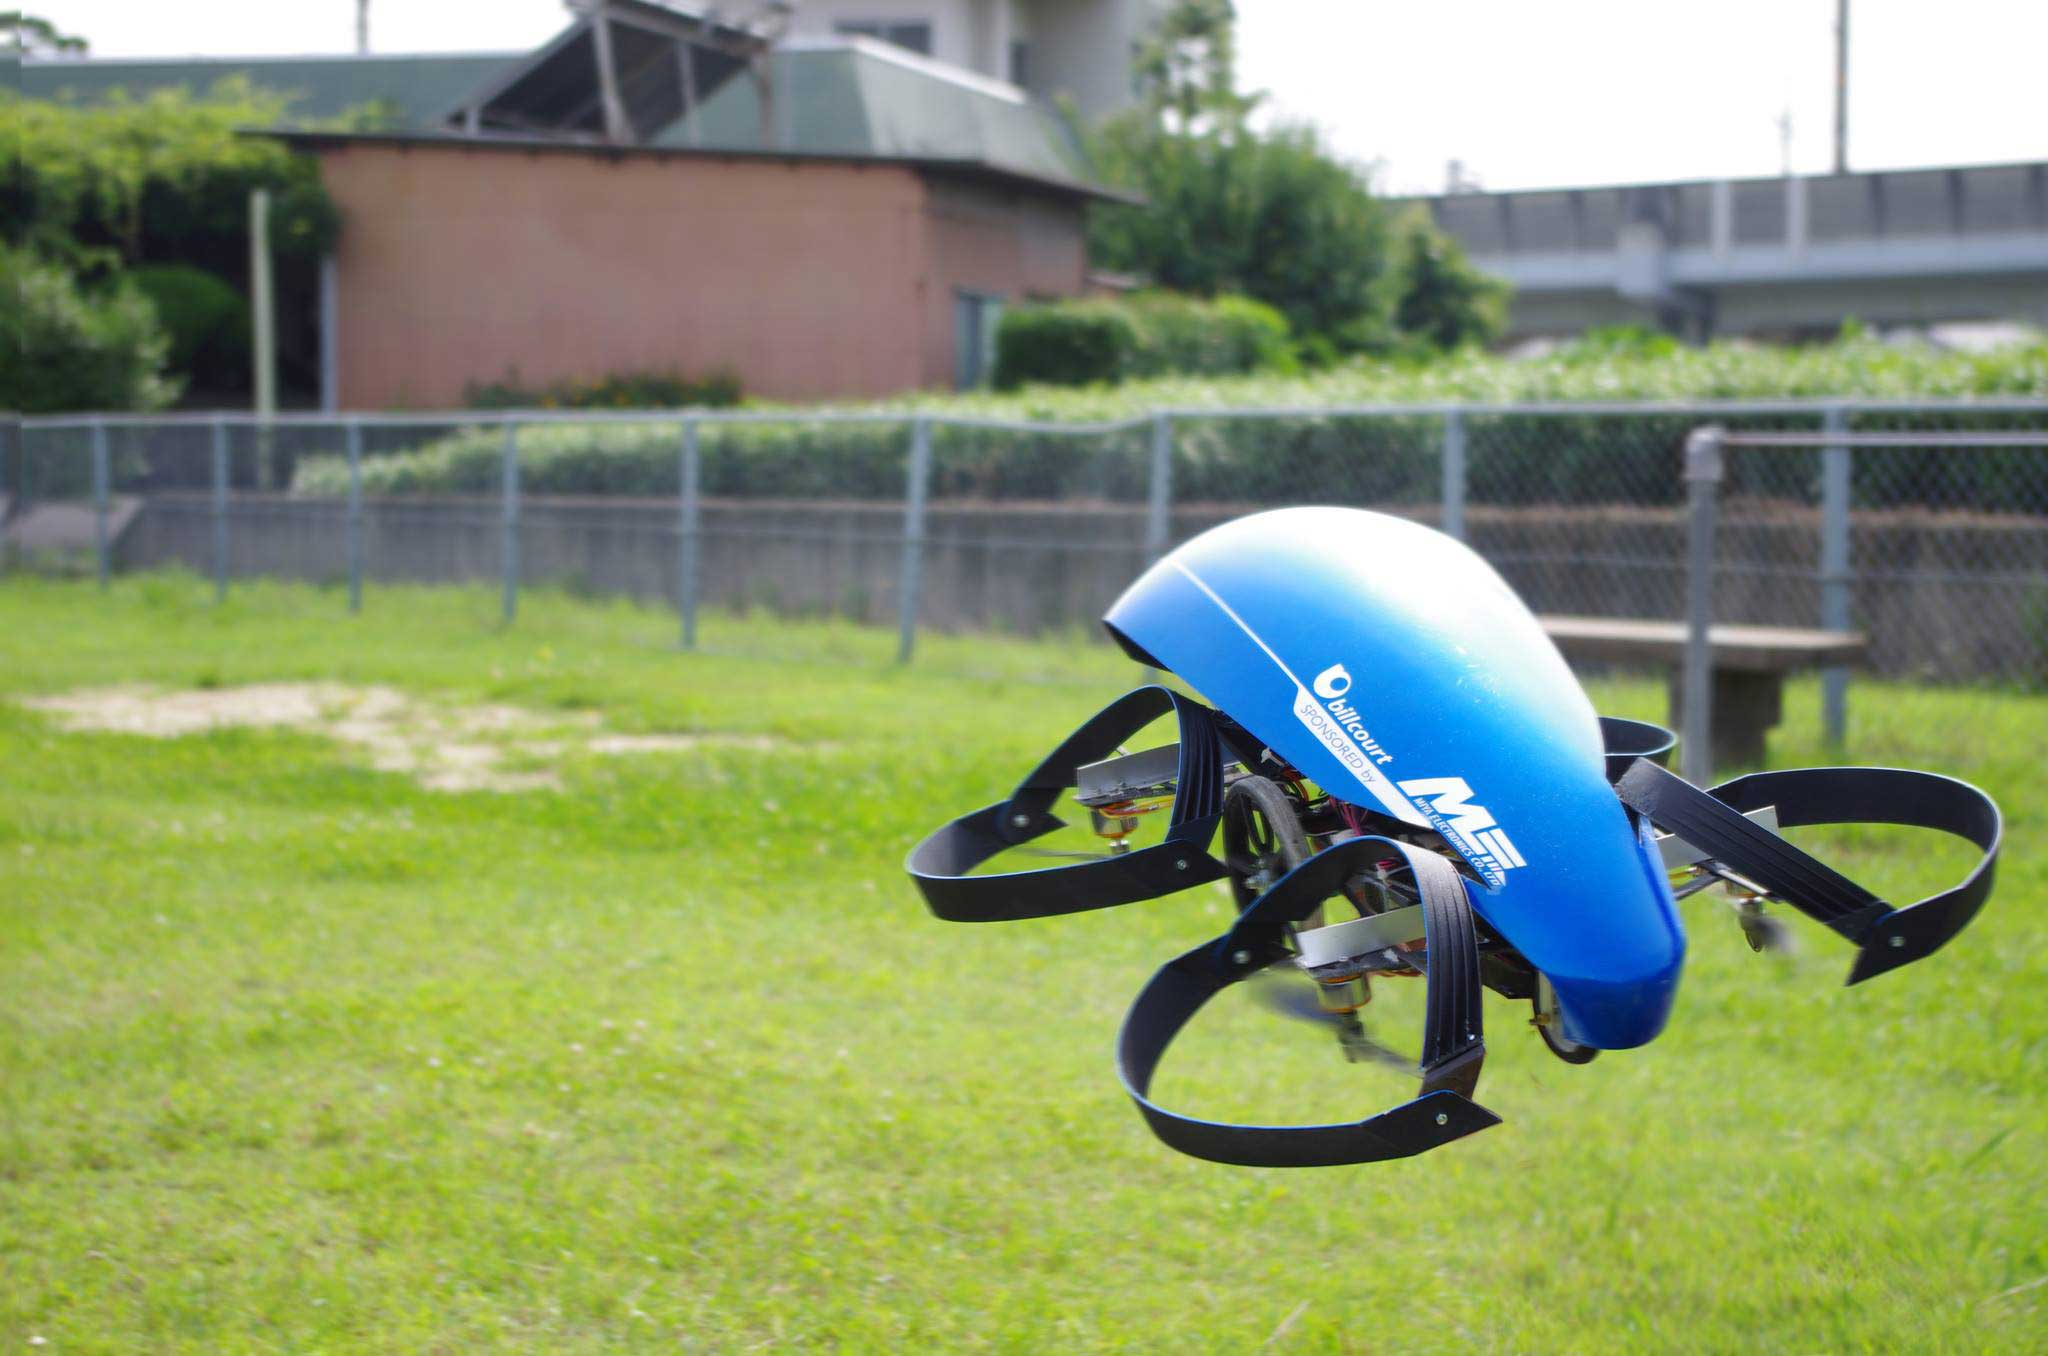 Cartivator Skydrive